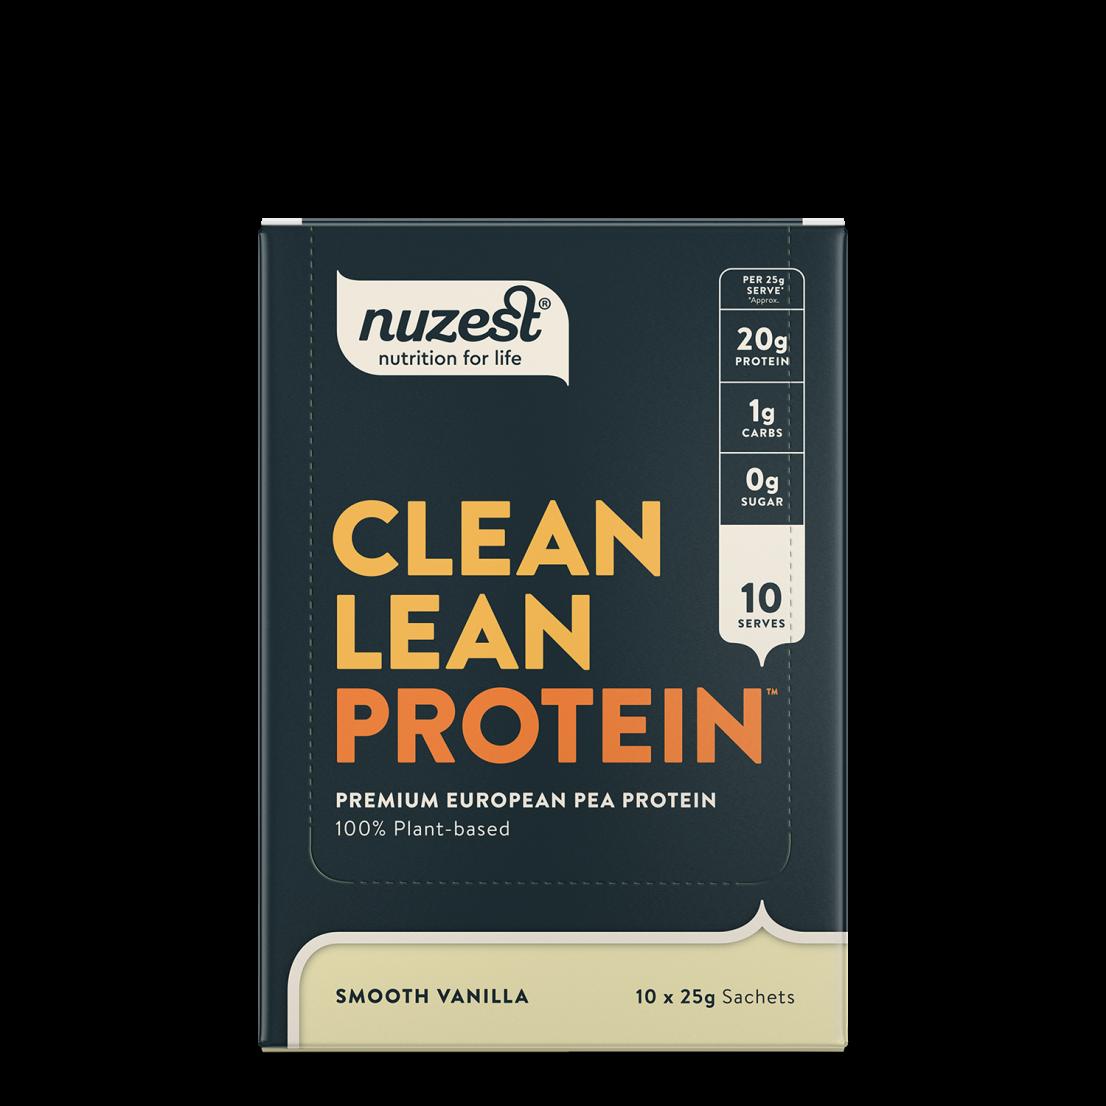 Clean Lean Protein Smooth Vanilla 10 x 25g